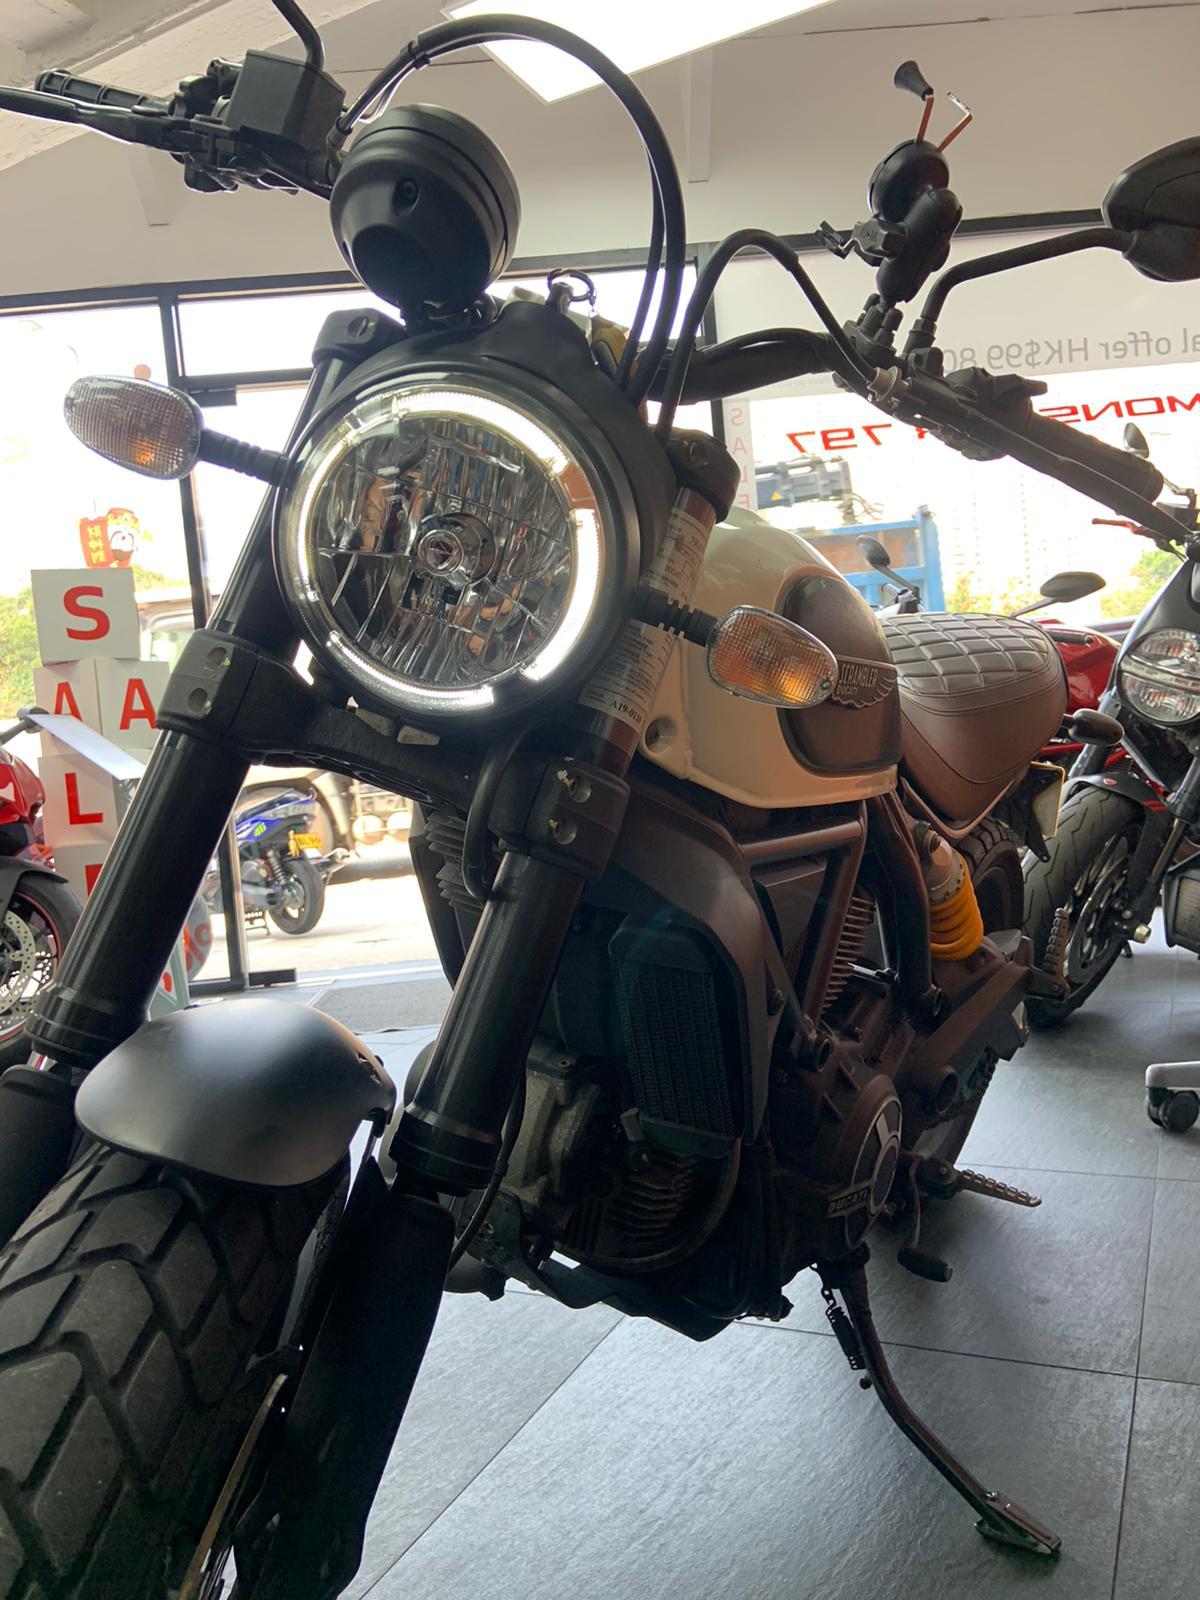 【好運車行有限公司】 DUCATI SCRAMBLER CLASSIC 二手車 2015年 - 「Webike摩托車市」